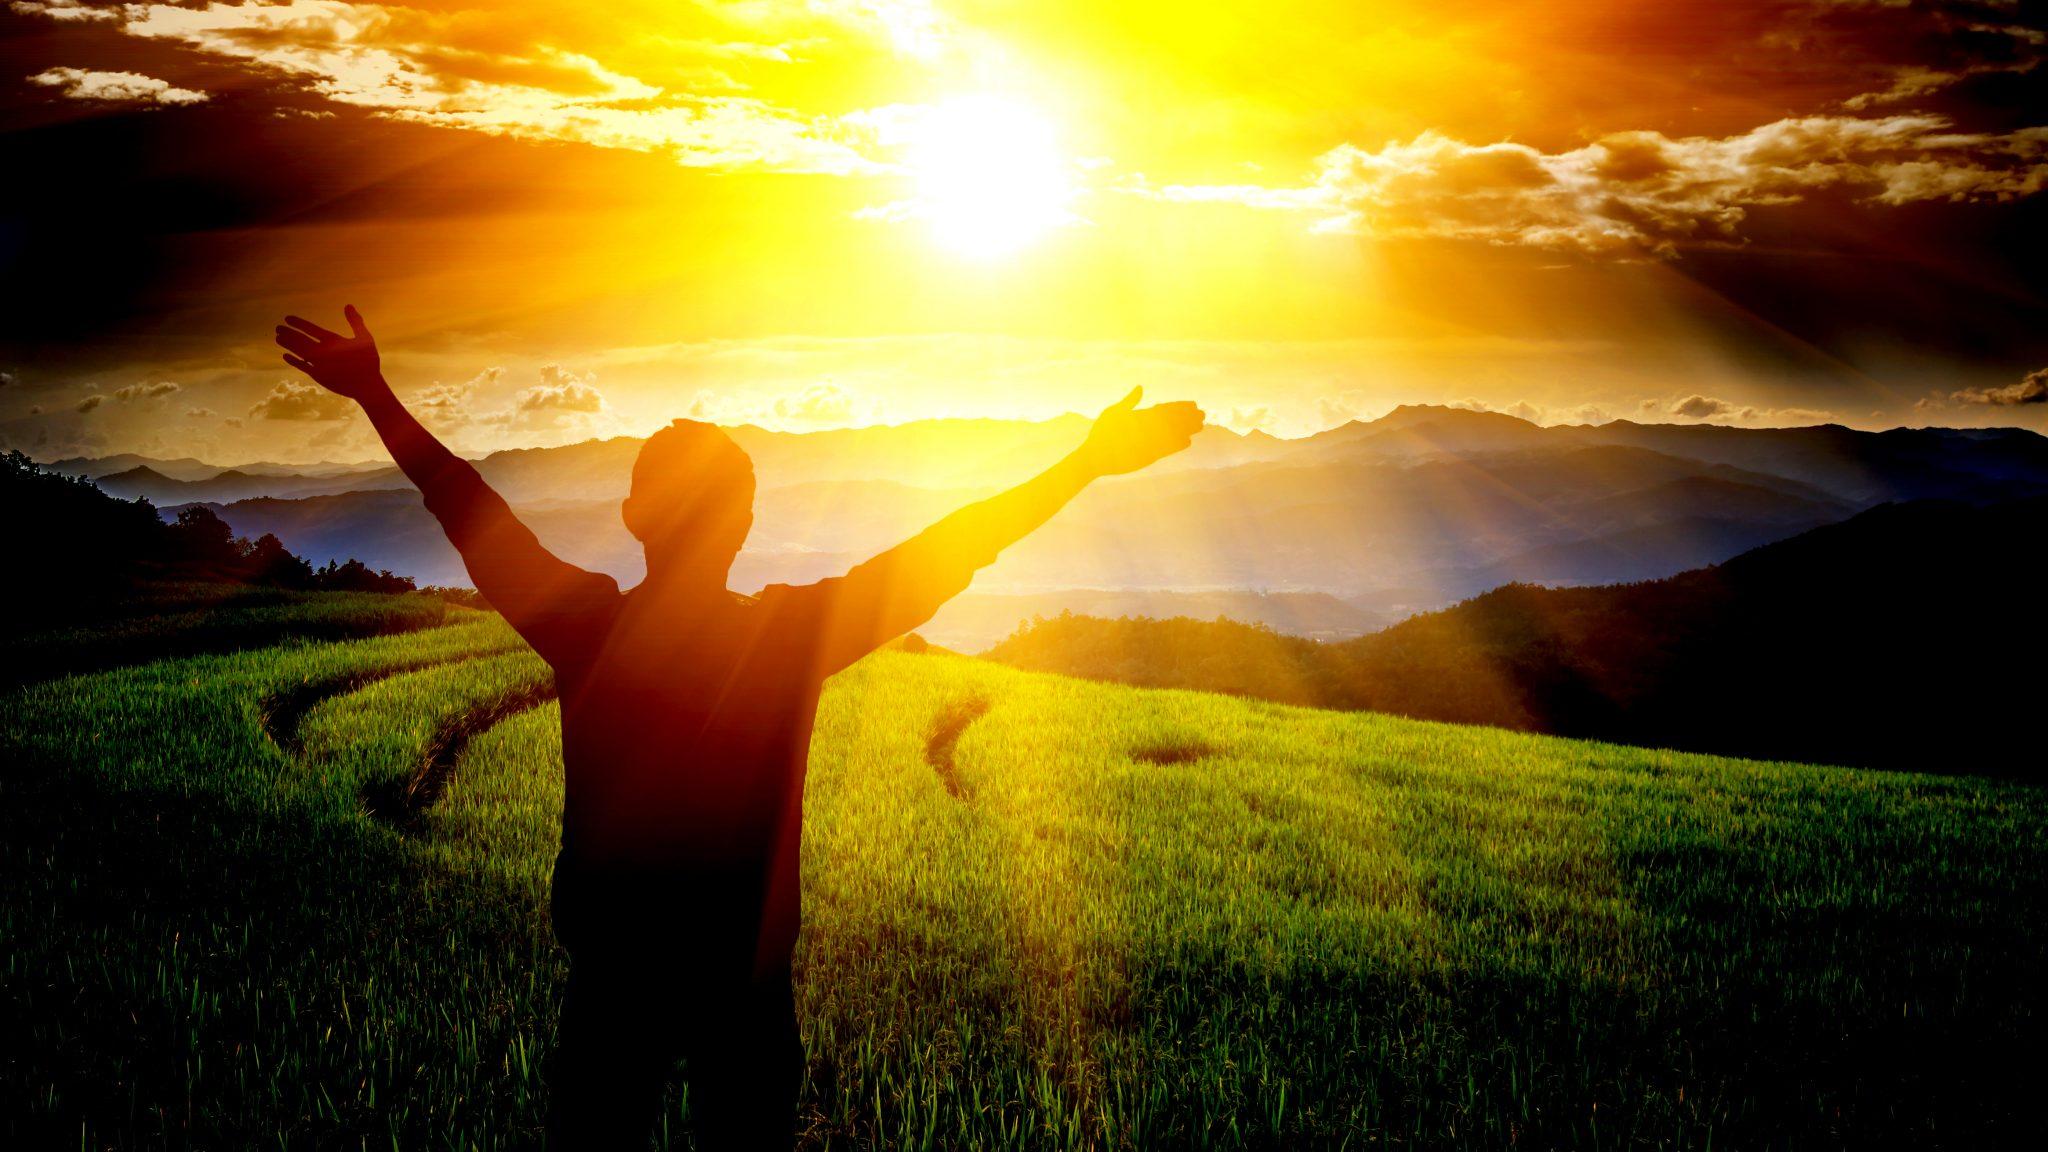 絶景の草原の前で両手を挙げている人